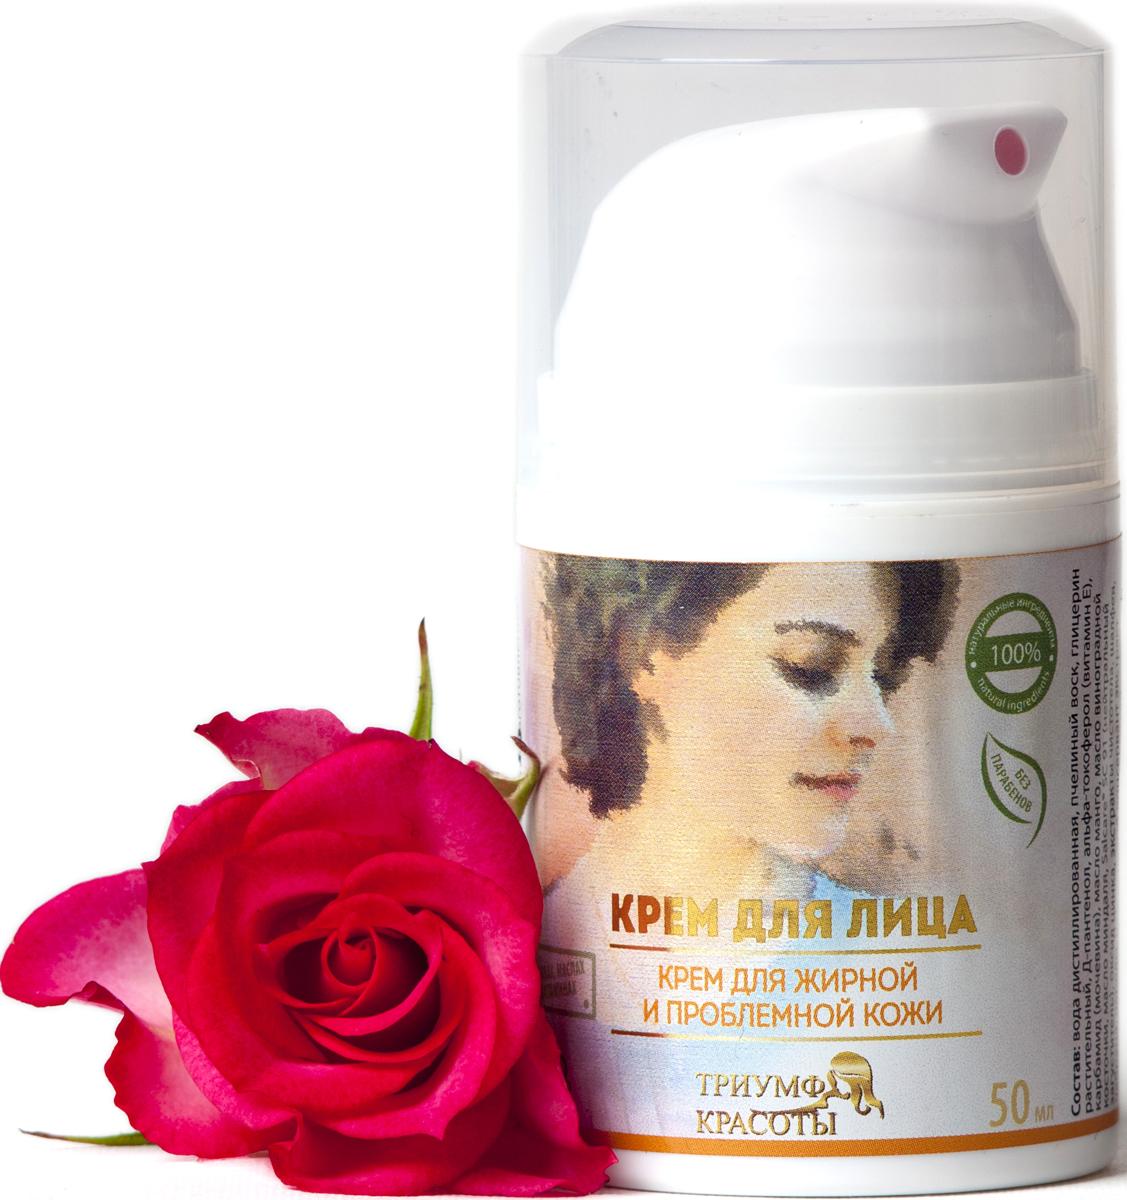 Триумф Красоты Крем для Жирной и Проблемной кожи лица, в вакуумном диспенсере, 50 мл0124Оксид цинка в составе крема эффективно очищает жирную кожу лица, матирует, останавливает рост и размножение бактерий. Экстракты целебных трав обладают выраженным антисептическим и витаминизирующим действием, снимают воспаление, успокаивают. Масла делают кожу упругой, эластичной, способствуют её длительному увлажнению, омолаживают. Мочевина и пчелиный воск ускоряют затягивание лунок от прыщей, улучшают регенерирующие свойства кожи.